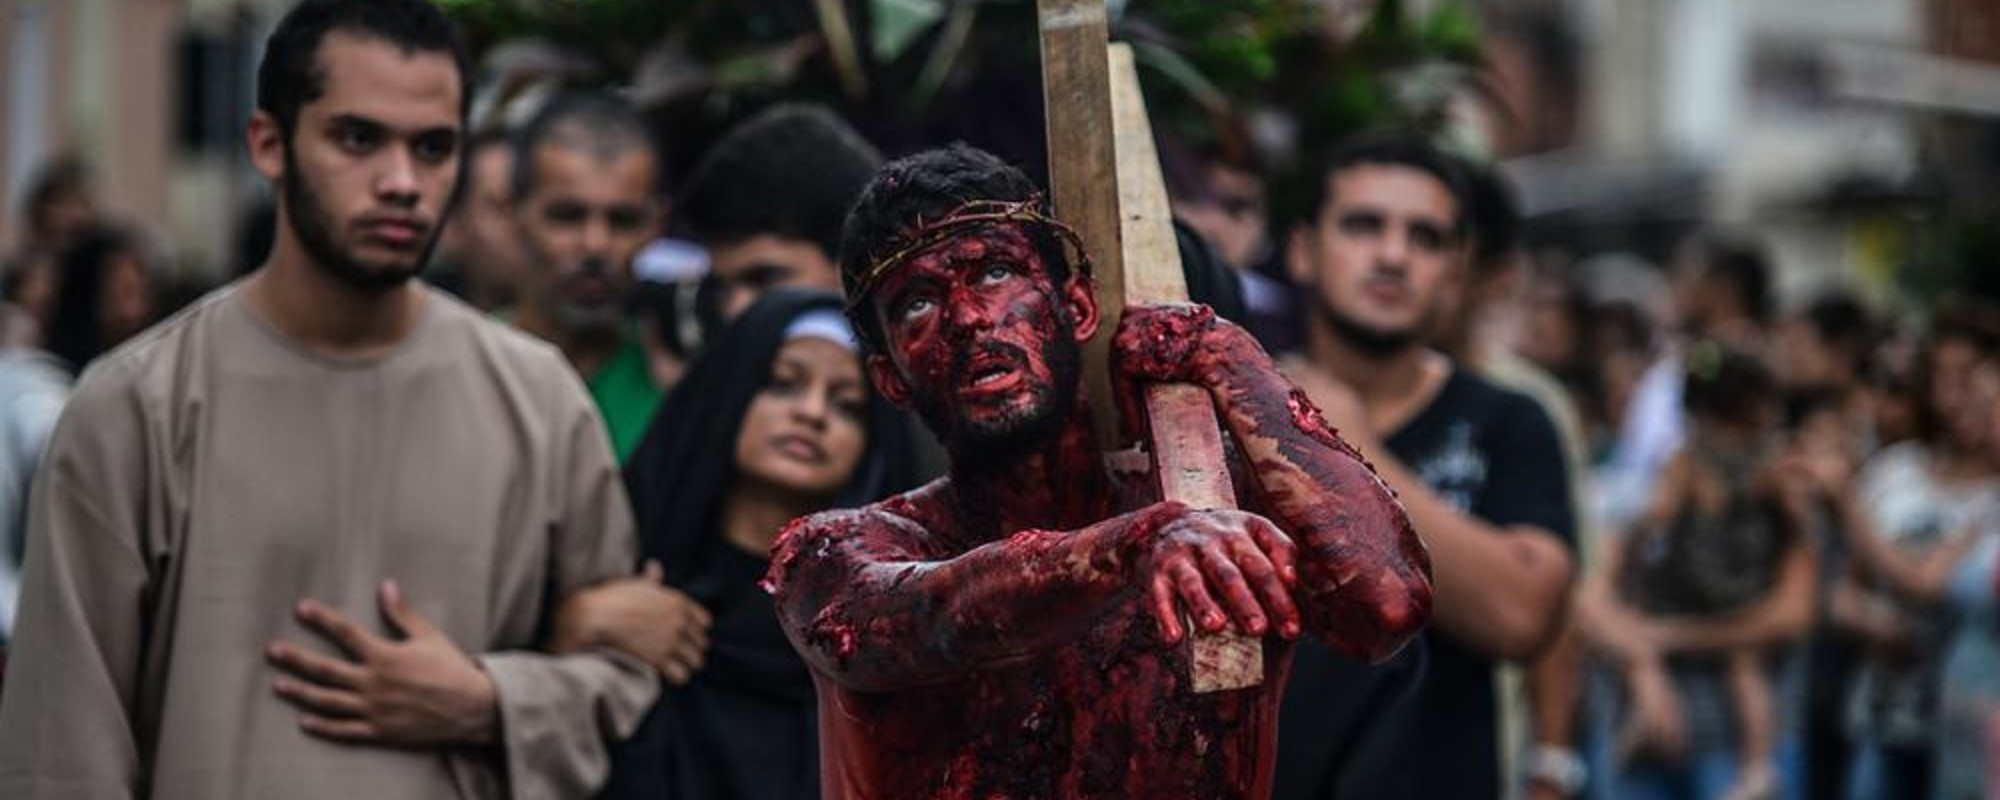 La pasión de Cristo al son de la samba en las favelas de Rio de Janeiro